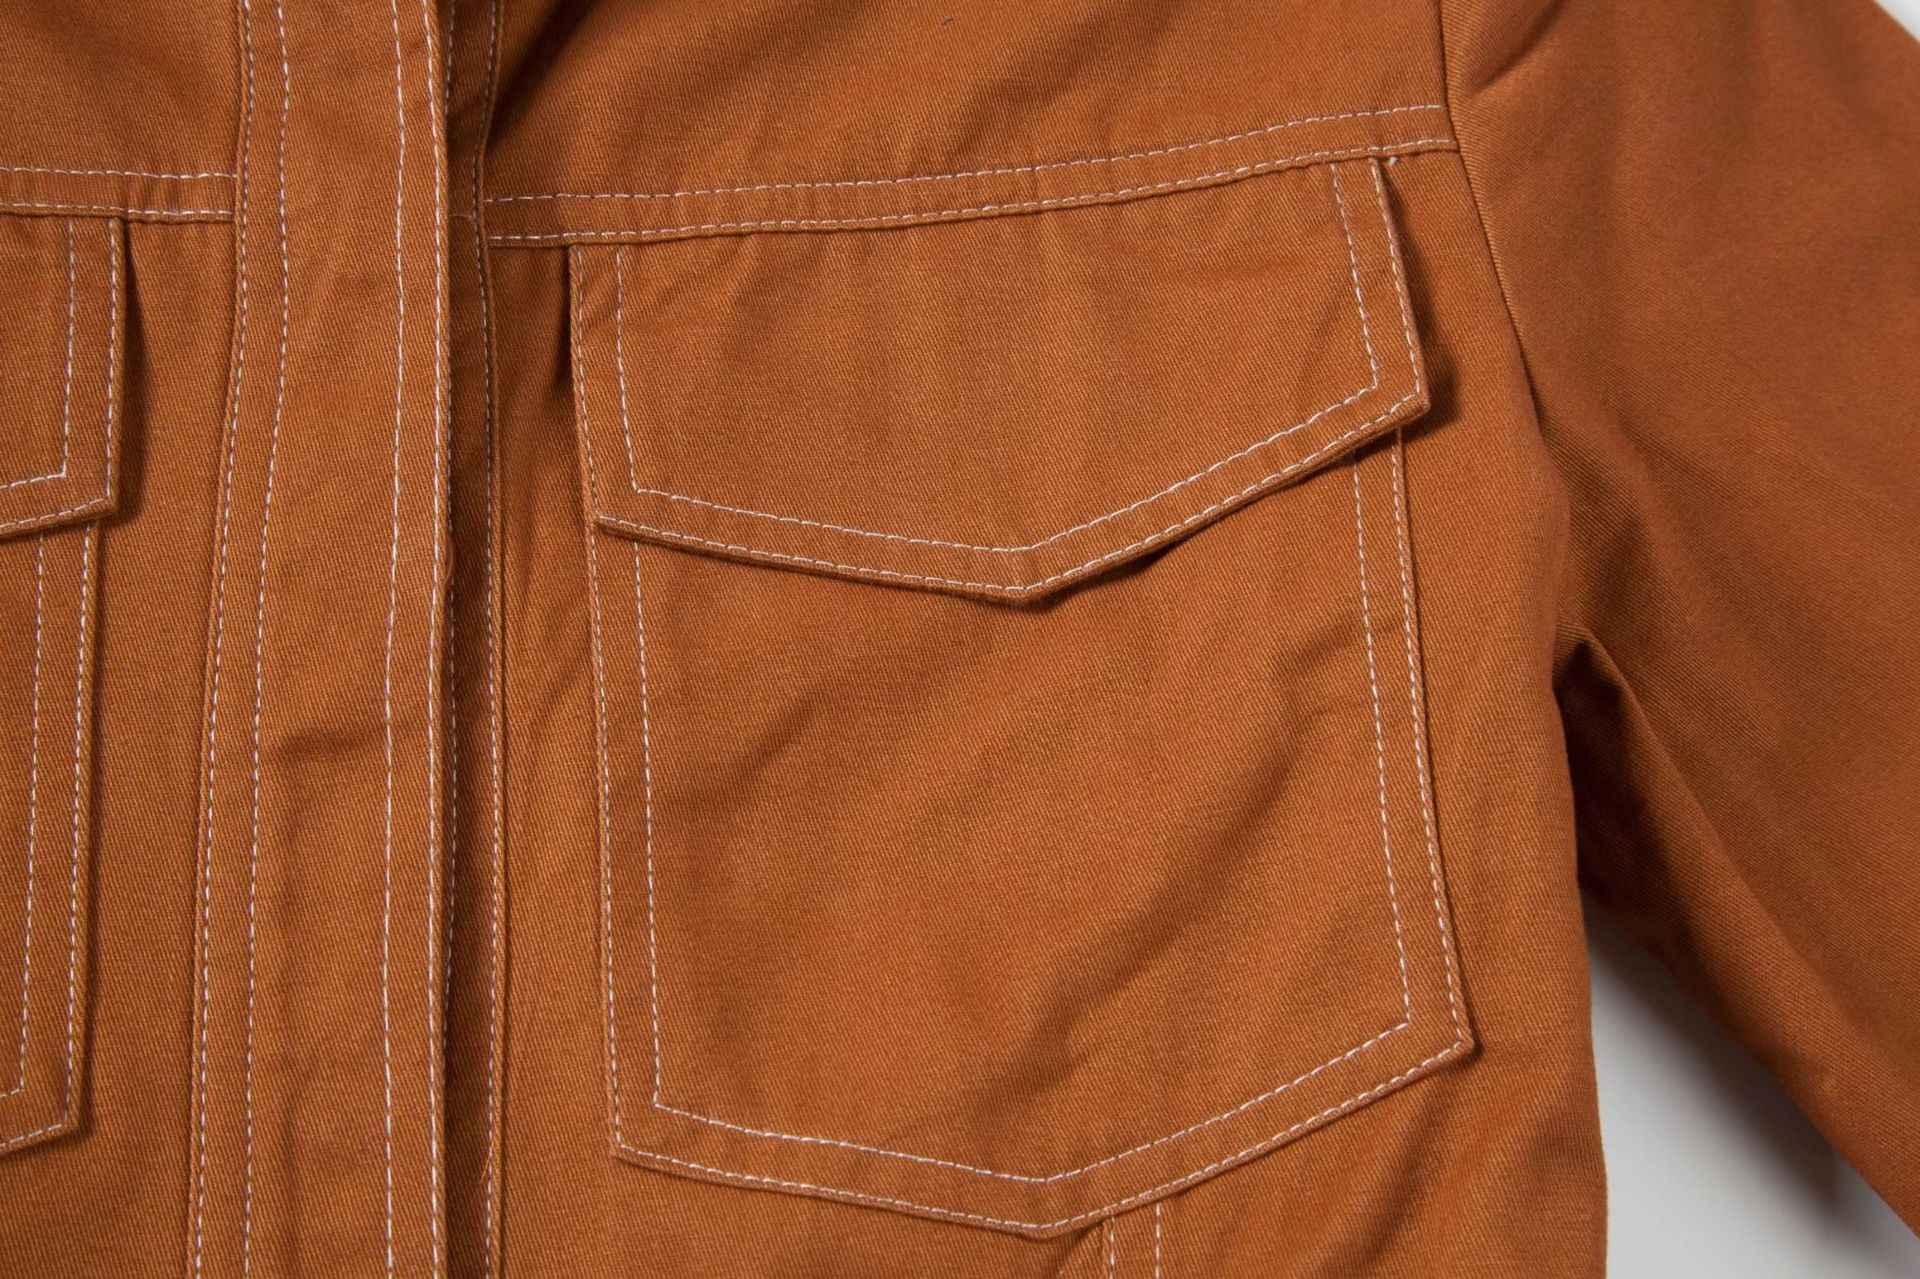 Винтажный пояс, карманы деним женский комбинезон 2019 осень отложной воротник женские длинные джинсовые костюмы повседневные Комбинезоны Новинка